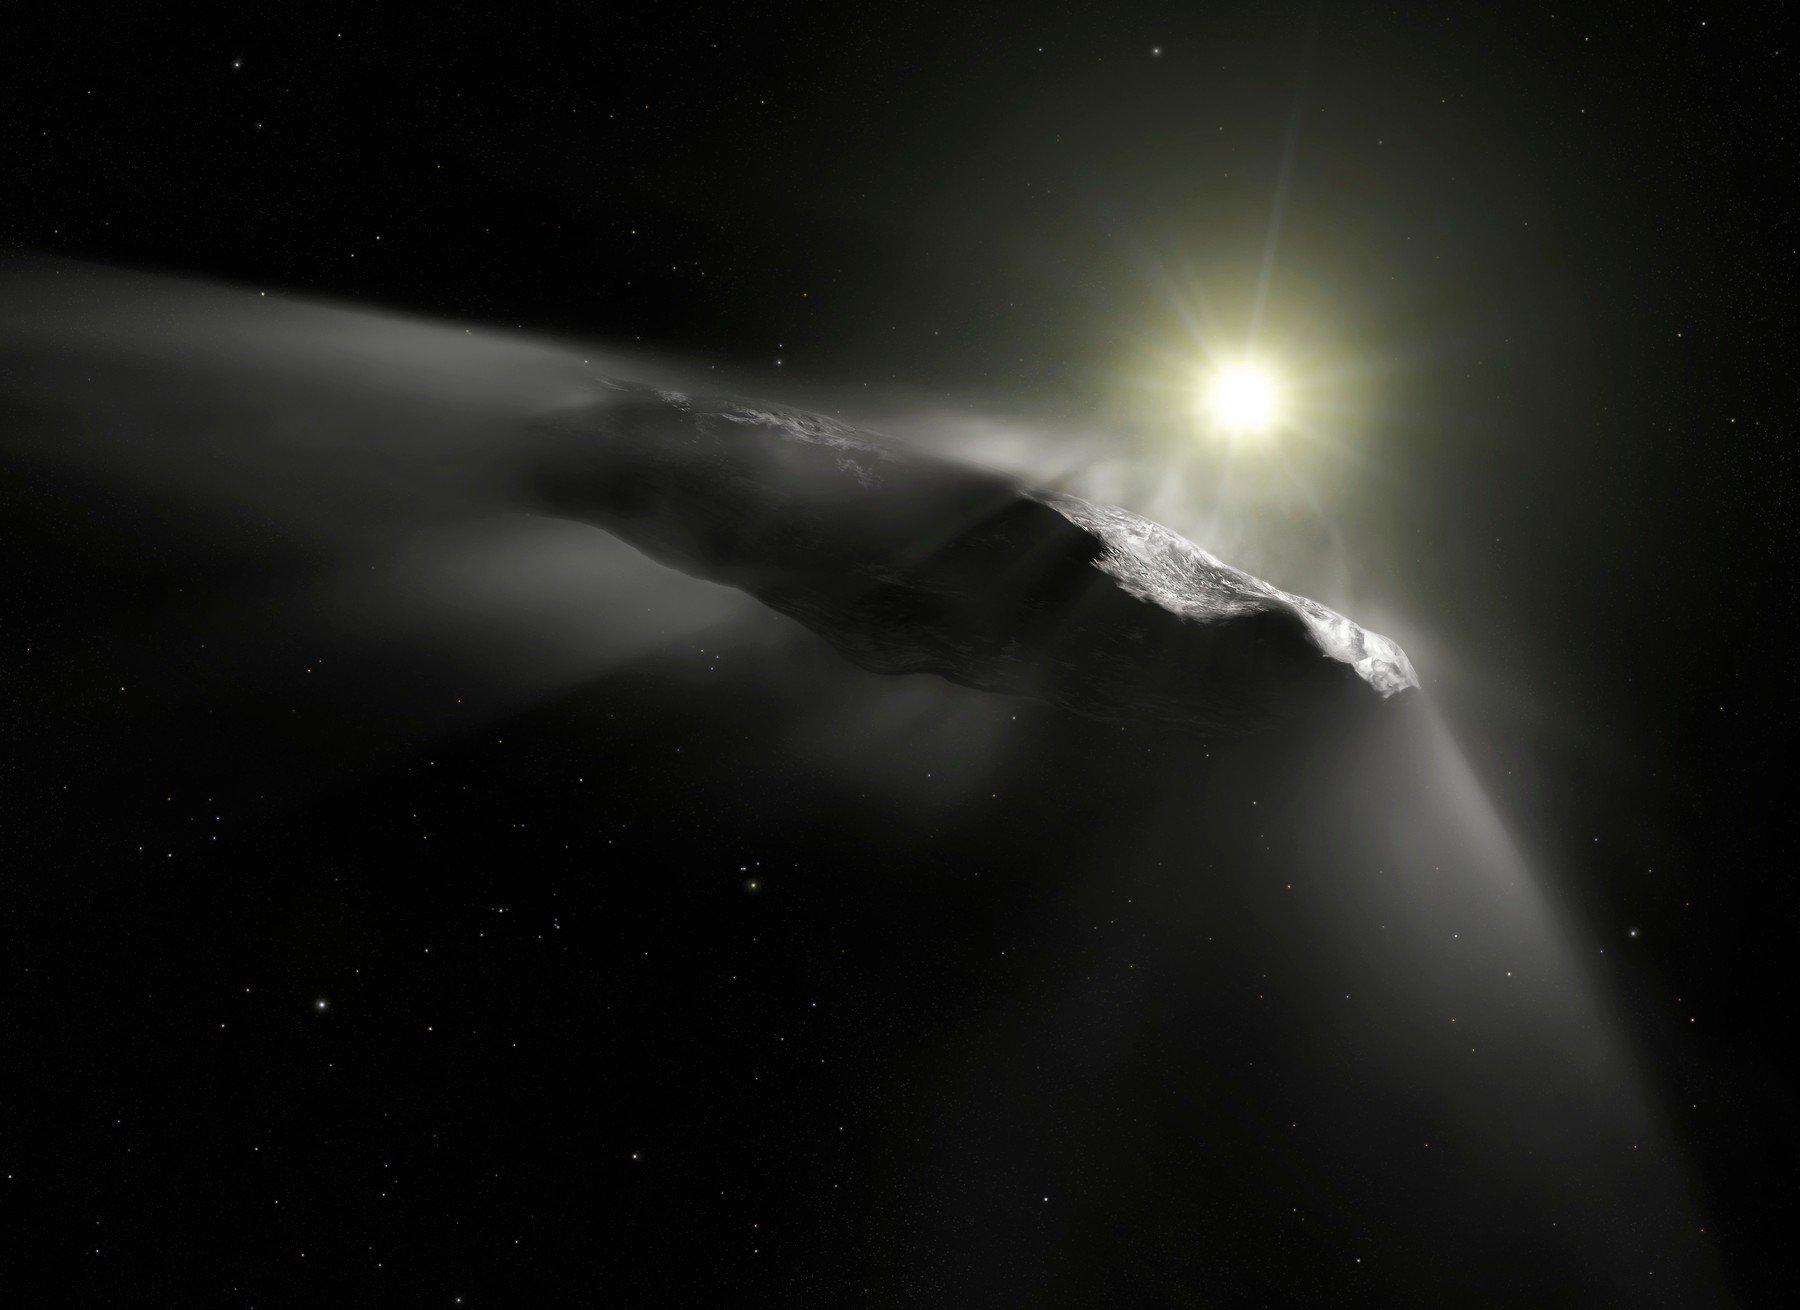 Ilustracija 'asteroida' Oumuamua